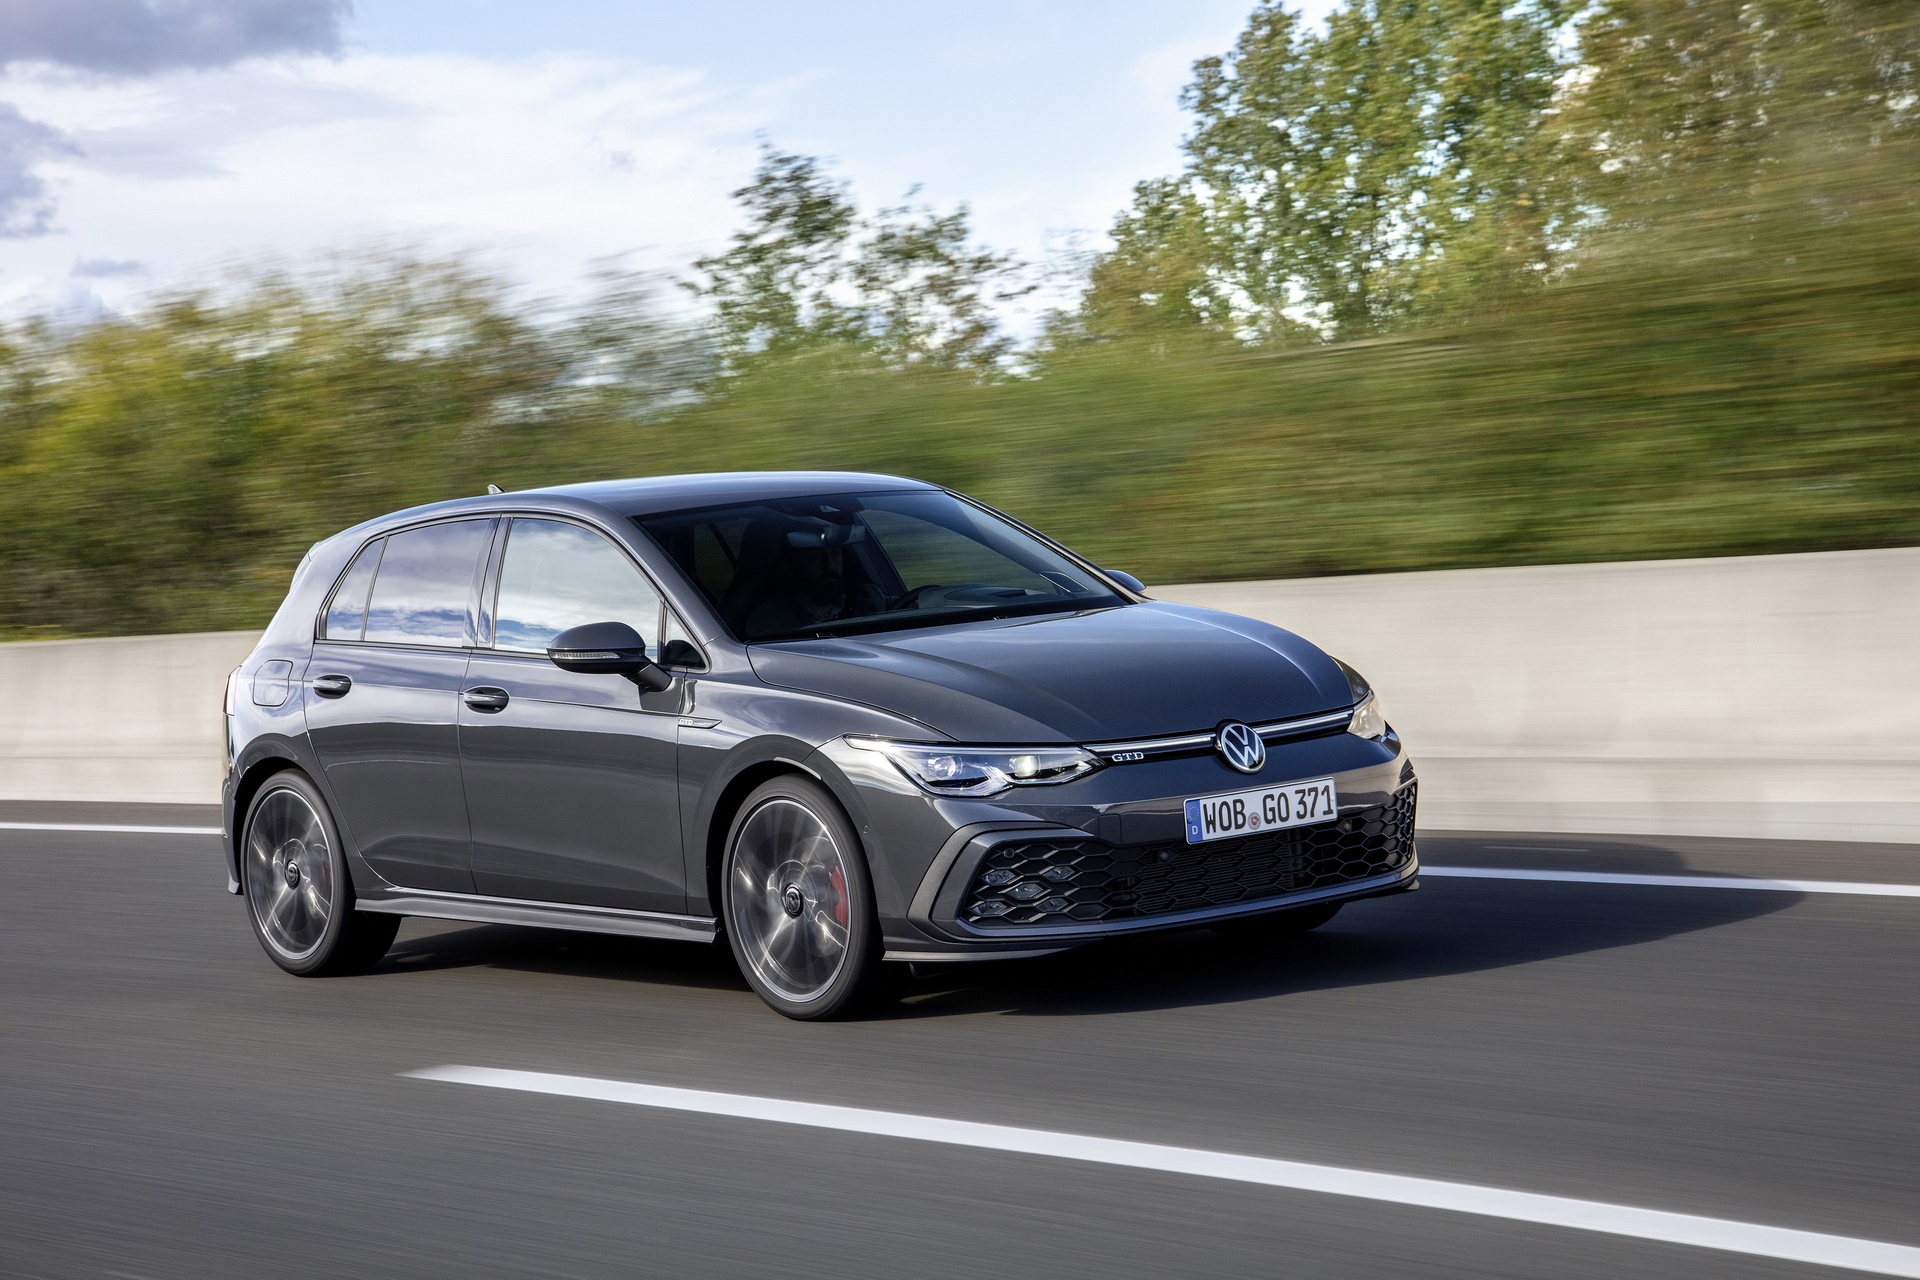 2021 Volkswagen Golf GTD Price